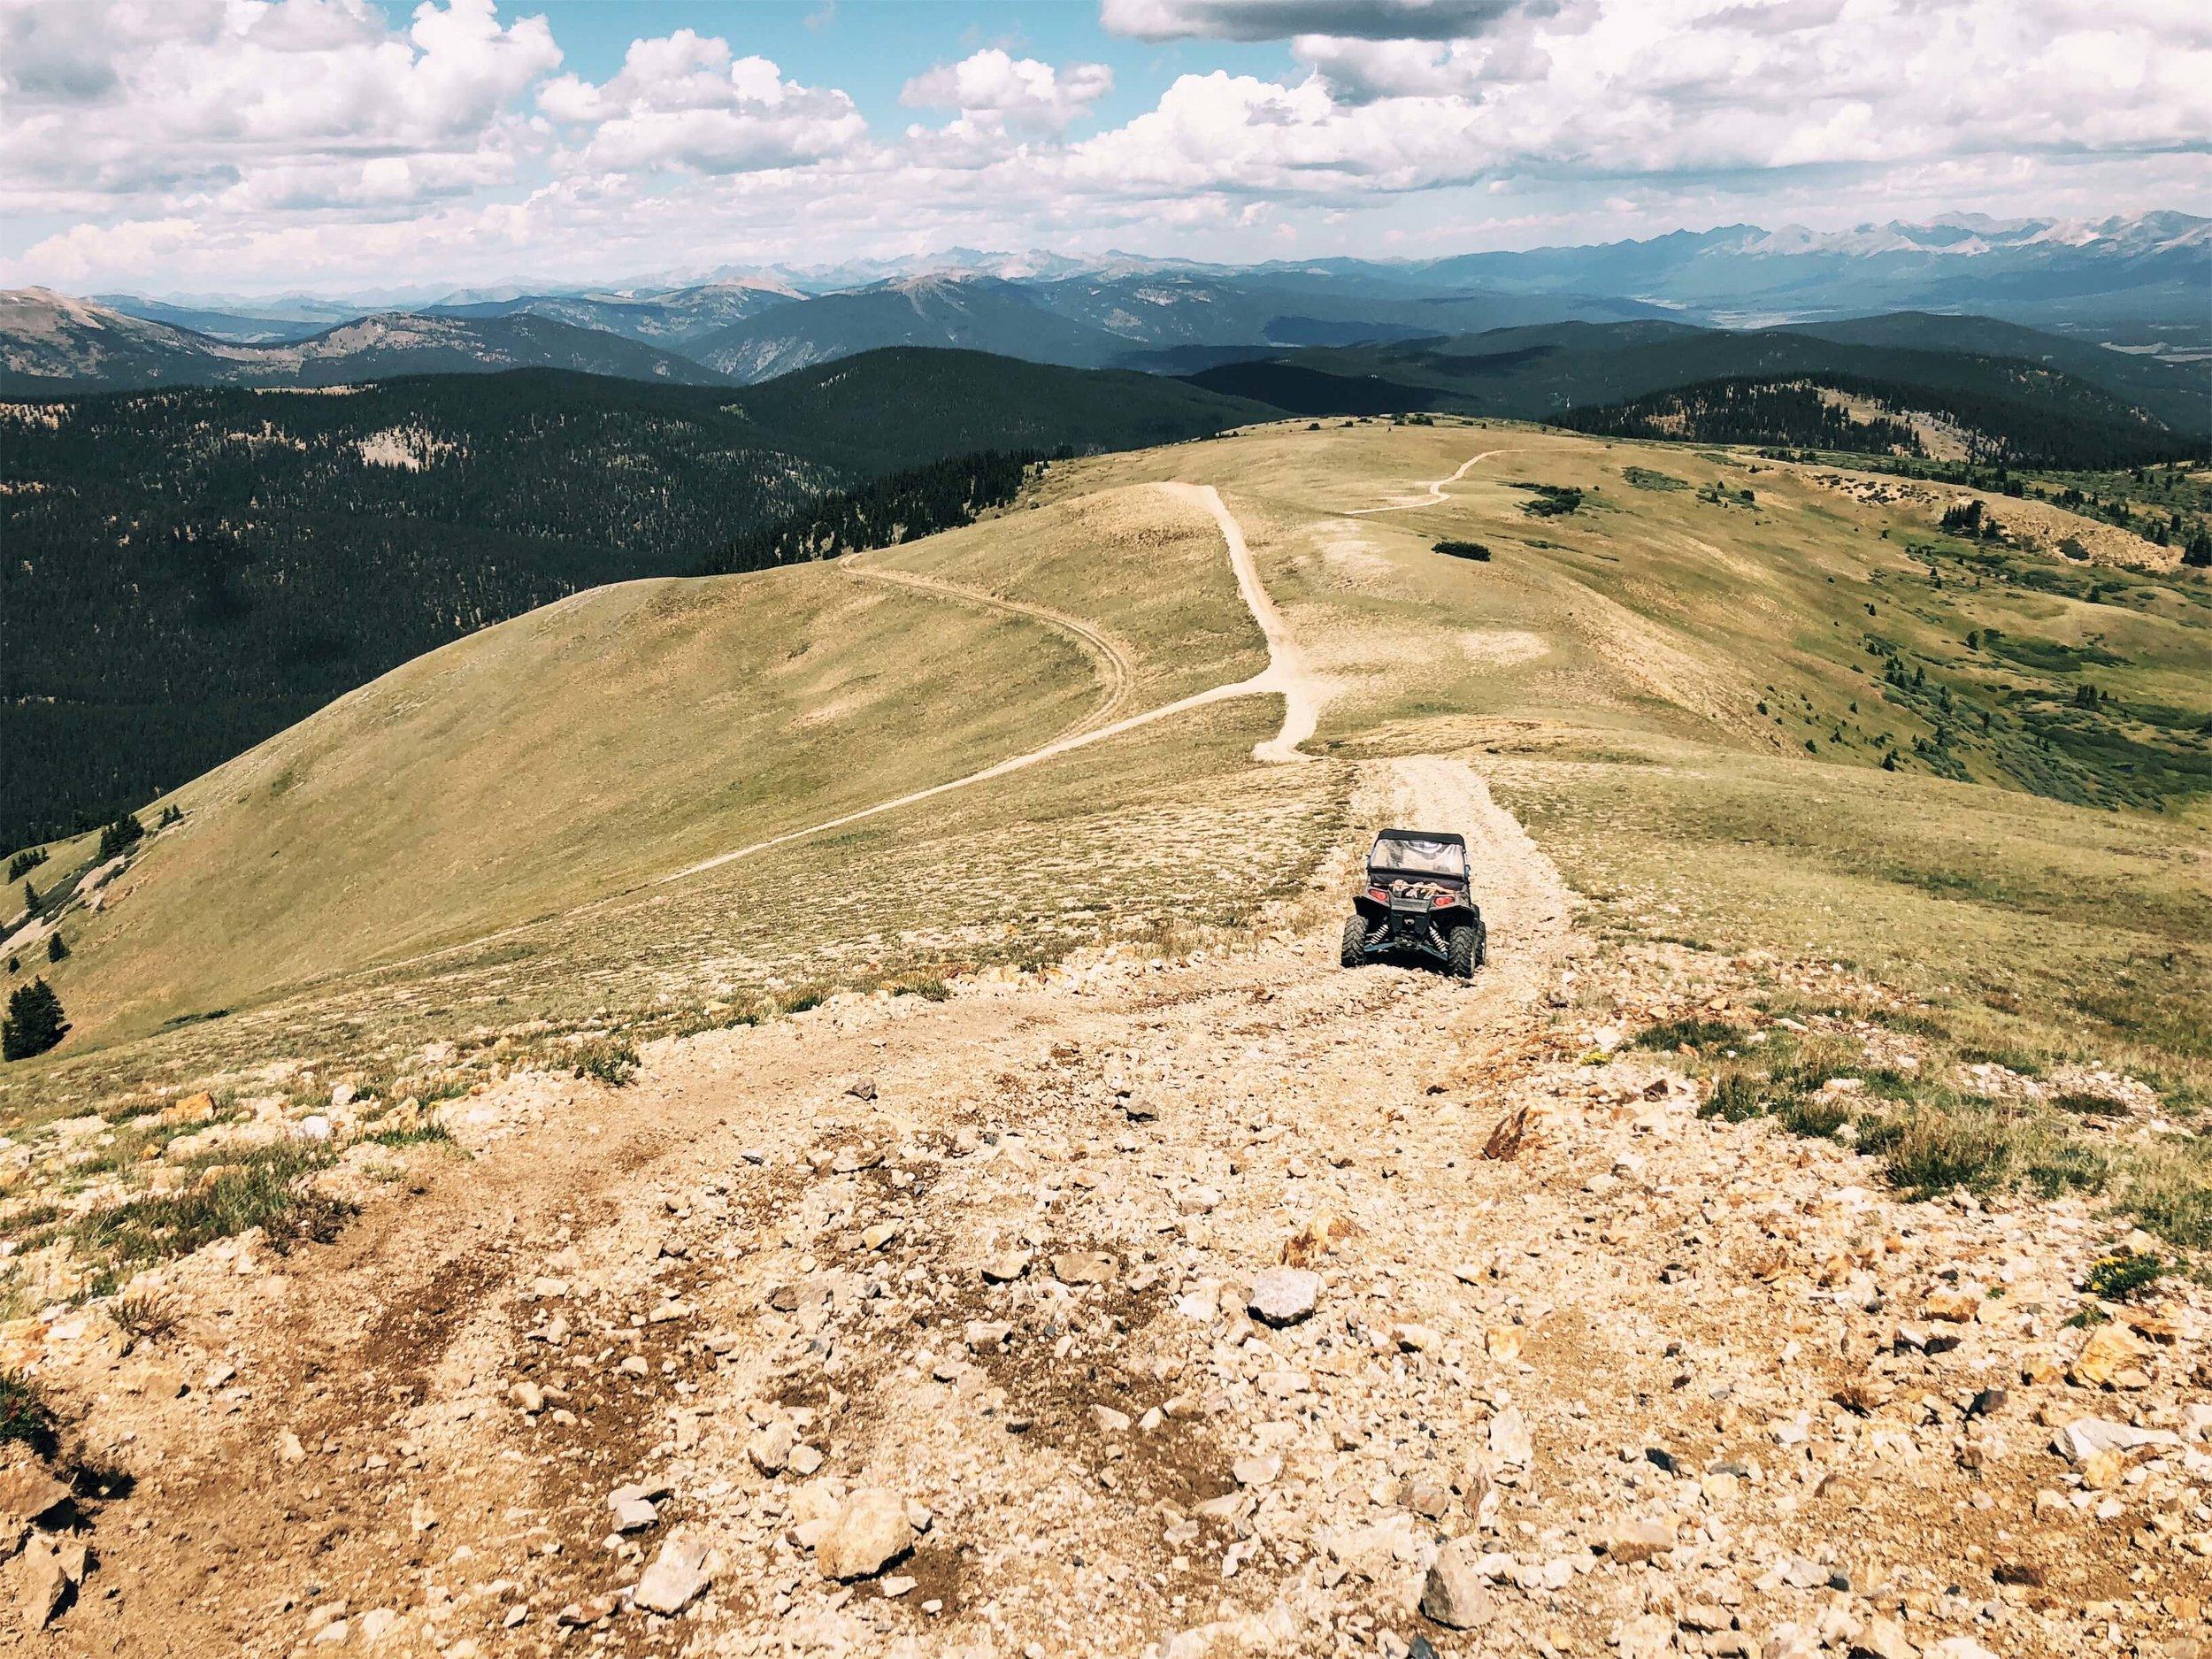 St. Elmo's ATV off road trail